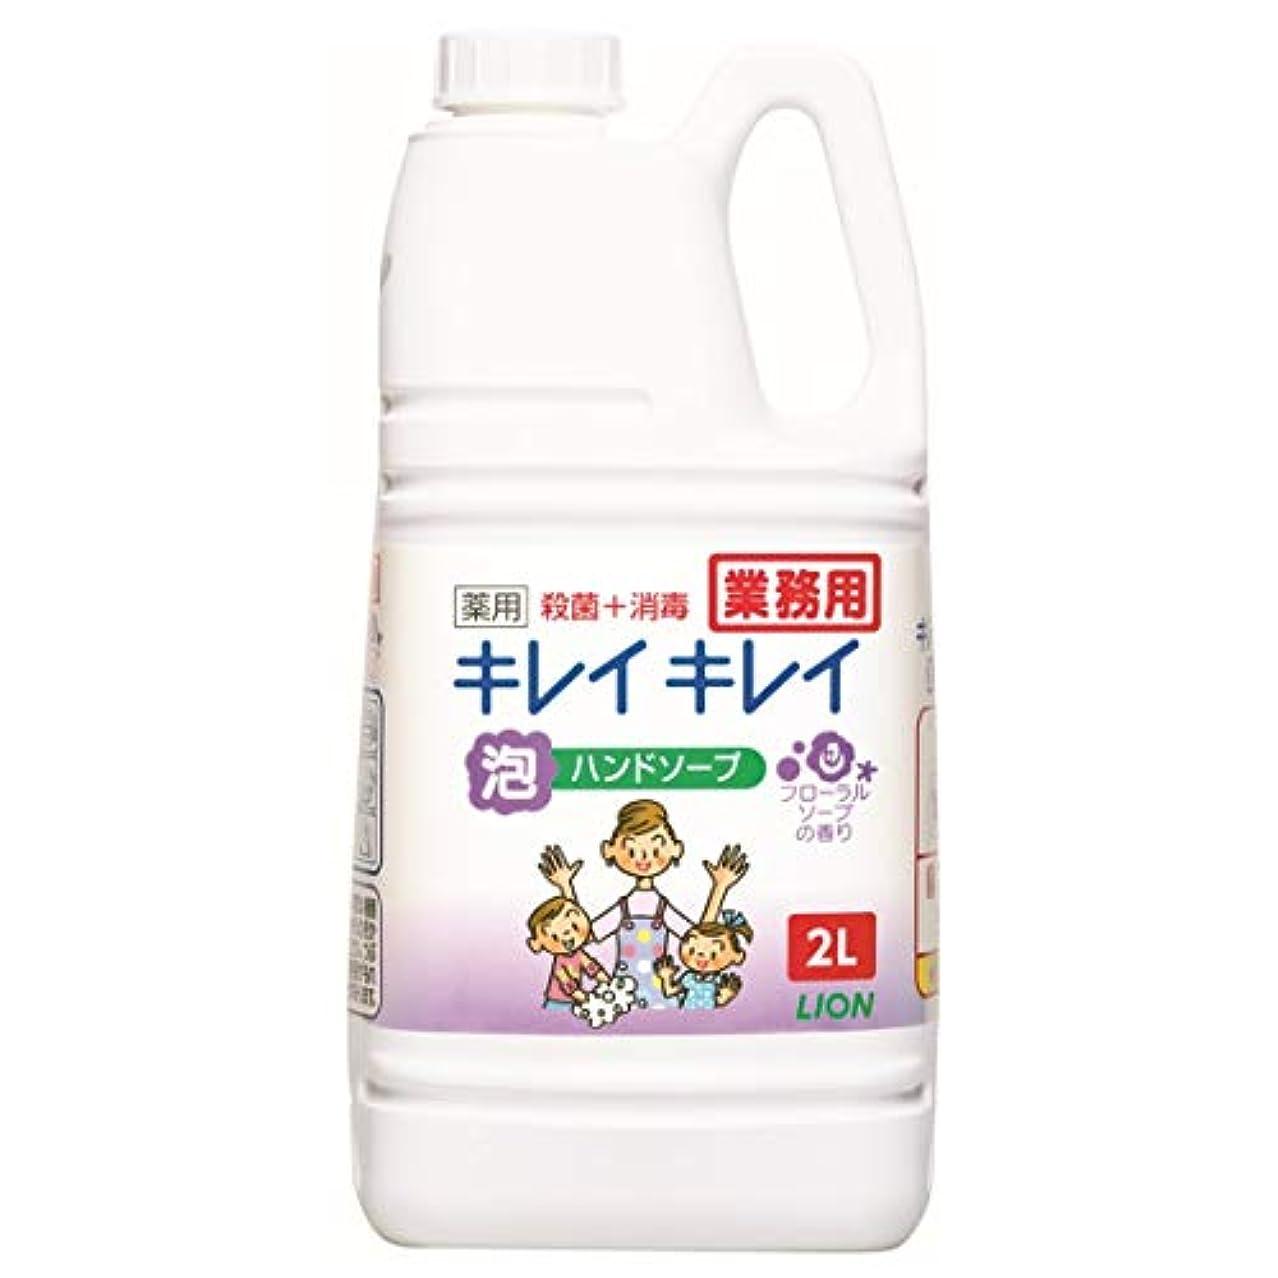 インシュレータフォージ【大容量】キレイキレイ 薬用泡ハンドソープ フローラルソープの香り 2L